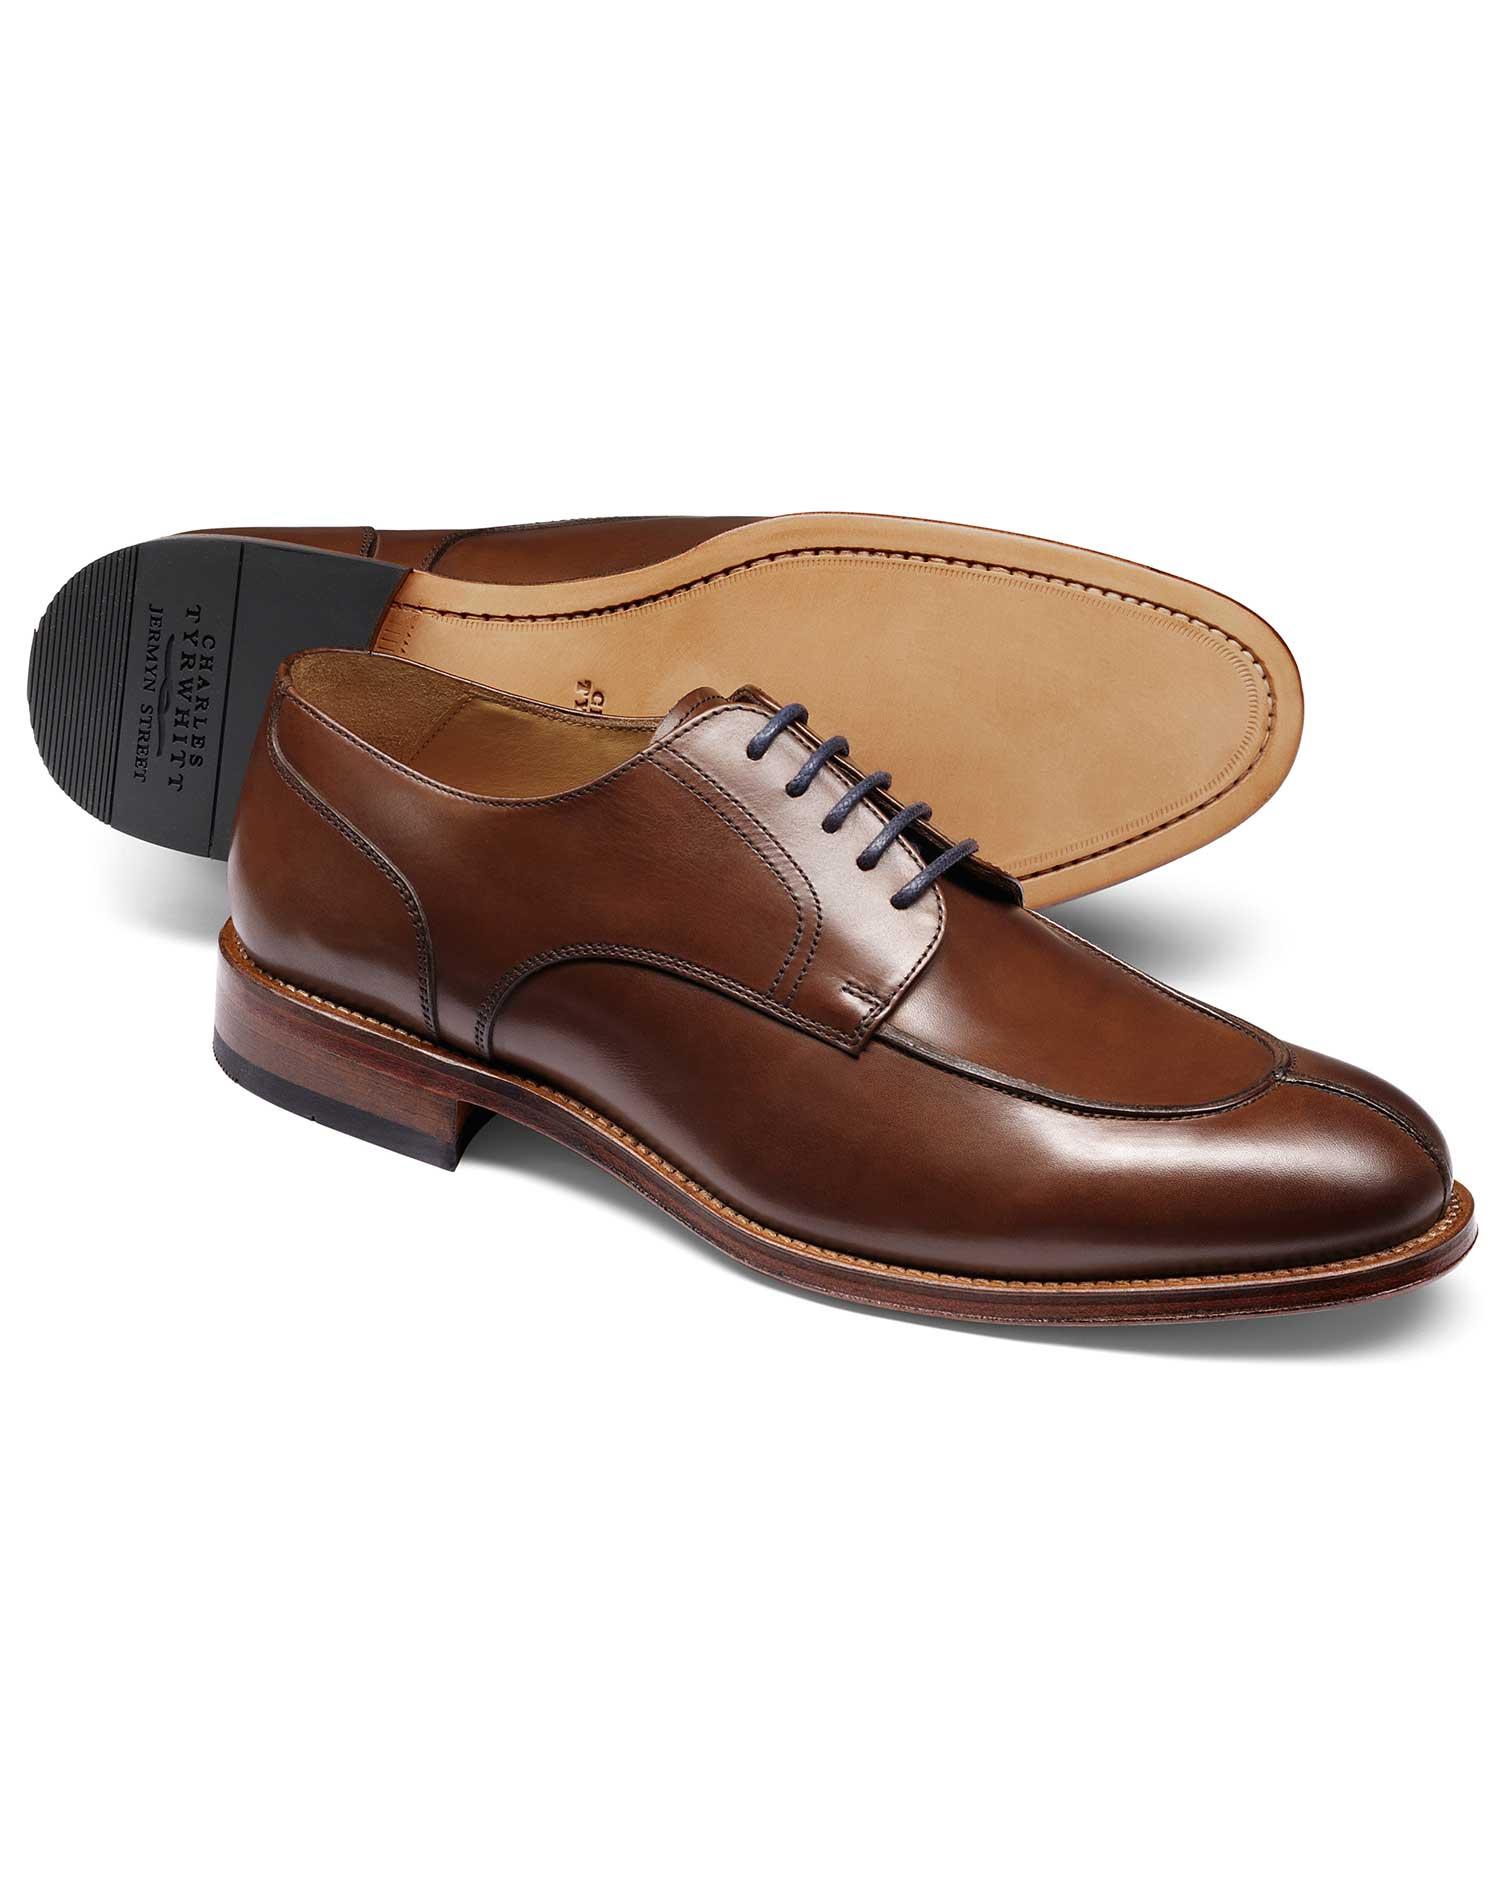 Brown Split Toe Derby Shoe Size 7.5 R by Charles Tyrwhitt